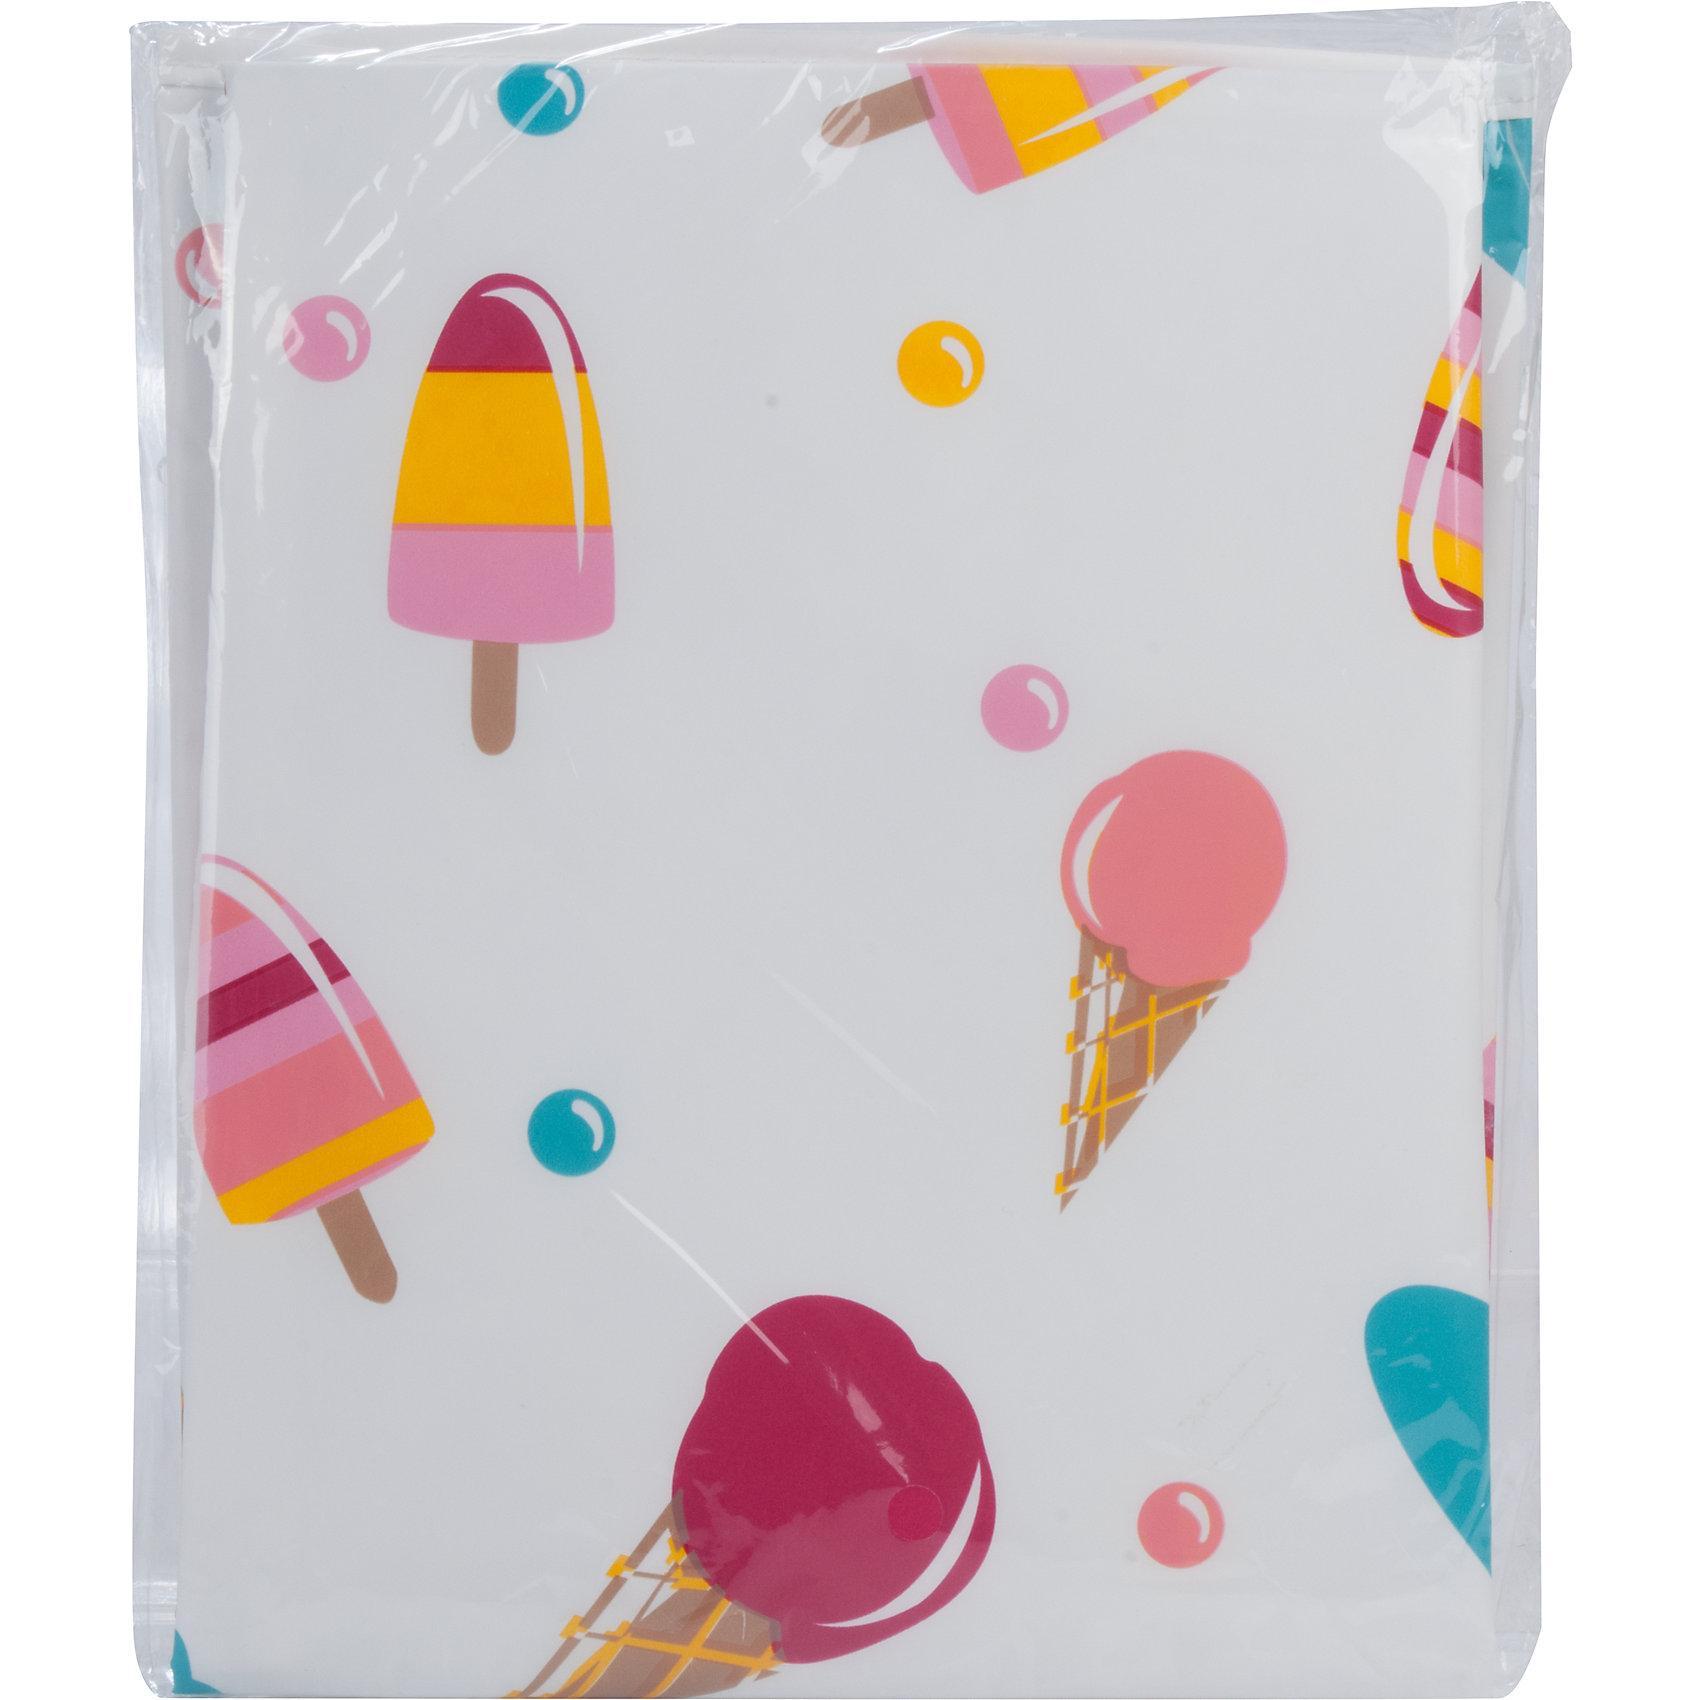 Клеенка непромокаемая, Canpol Babies, мороженоеПрочее<br>Клеенка непромокаемая, Canpol Babies (Канпол Бейбис), мороженое.<br><br>Характеристики:<br>• Материал:полиуретан.<br>• Размер: 76 см х 58,5 см.<br>• Пористый двухмиллиметровый слой.<br>• Непромокаемая.<br>• Цвет белая с красочным рисунком.<br><br>Практичная и удобная клеенка Canpol Babies (Канпол Бейбис), станет незаменимой помощницей в уходе за ребенком.Упростит процедуру смены памперса, сохранит матрасик в кроватке сухим. Такая клеенка пригодится не только дома, но и в поездках,  её можно стелить в кроватку, на пеленальный столик или в коляску, а сверху - обычную тканевую пеленочку. Клеёнка изготовлена  из экологического материала, поэтому Вашему ребенку не грозит аллергия.<br>Клеенку непромокаемую, Canpol Babies (Канпол Бейбис), мороженое можно купить в нашем интернет – магазине.<br><br>Ширина мм: 200<br>Глубина мм: 5<br>Высота мм: 290<br>Вес г: 800<br>Возраст от месяцев: 0<br>Возраст до месяцев: 36<br>Пол: Унисекс<br>Возраст: Детский<br>SKU: 5156825